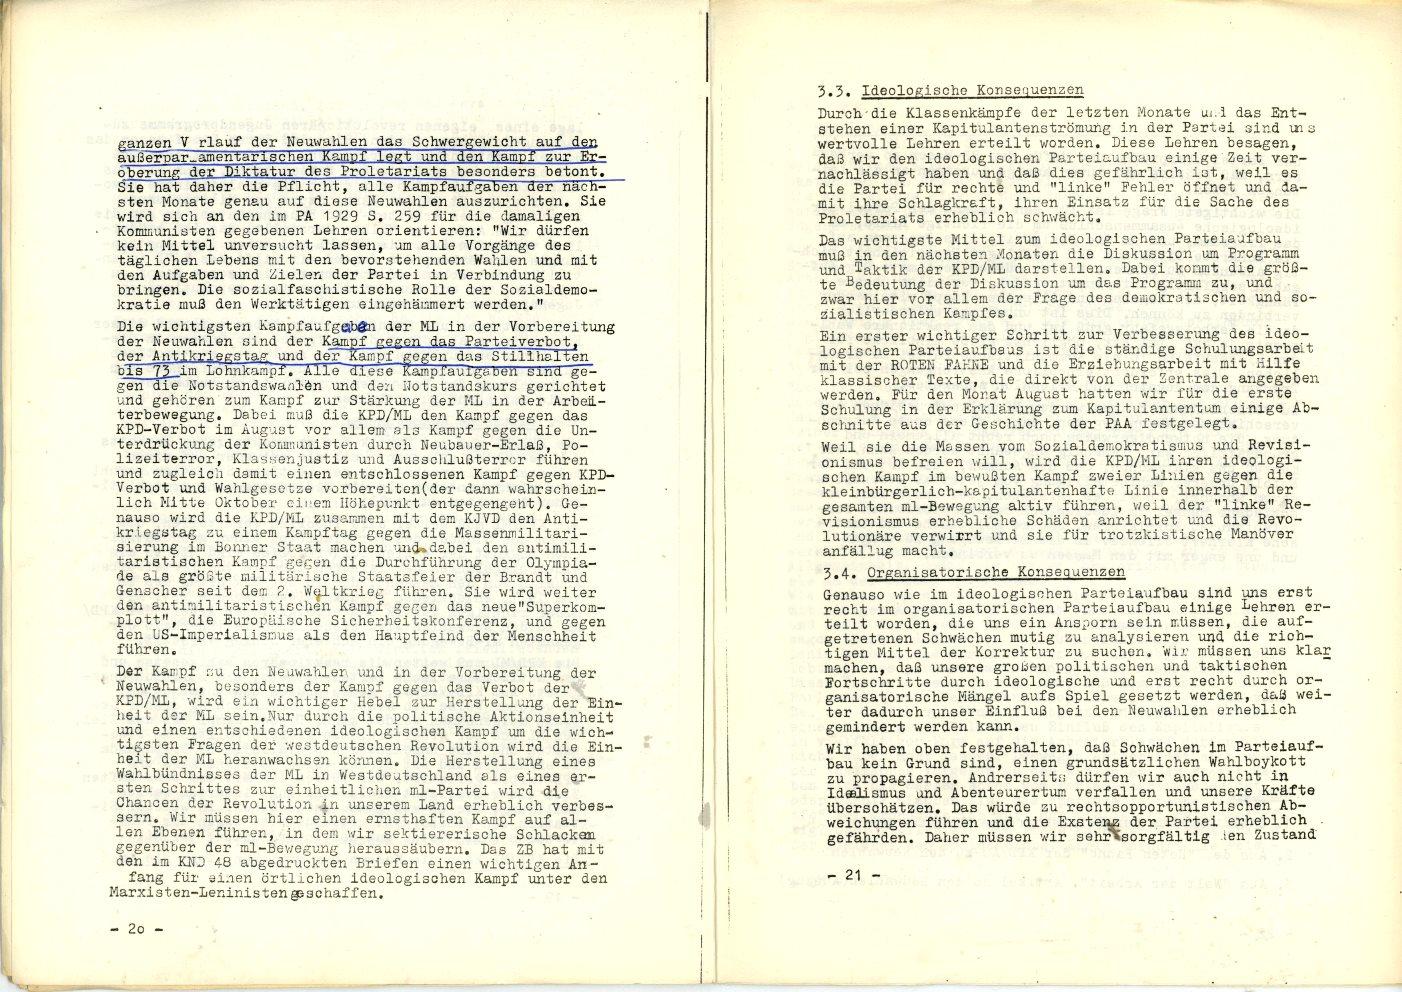 ZB_Rahmenplan_19720804_12